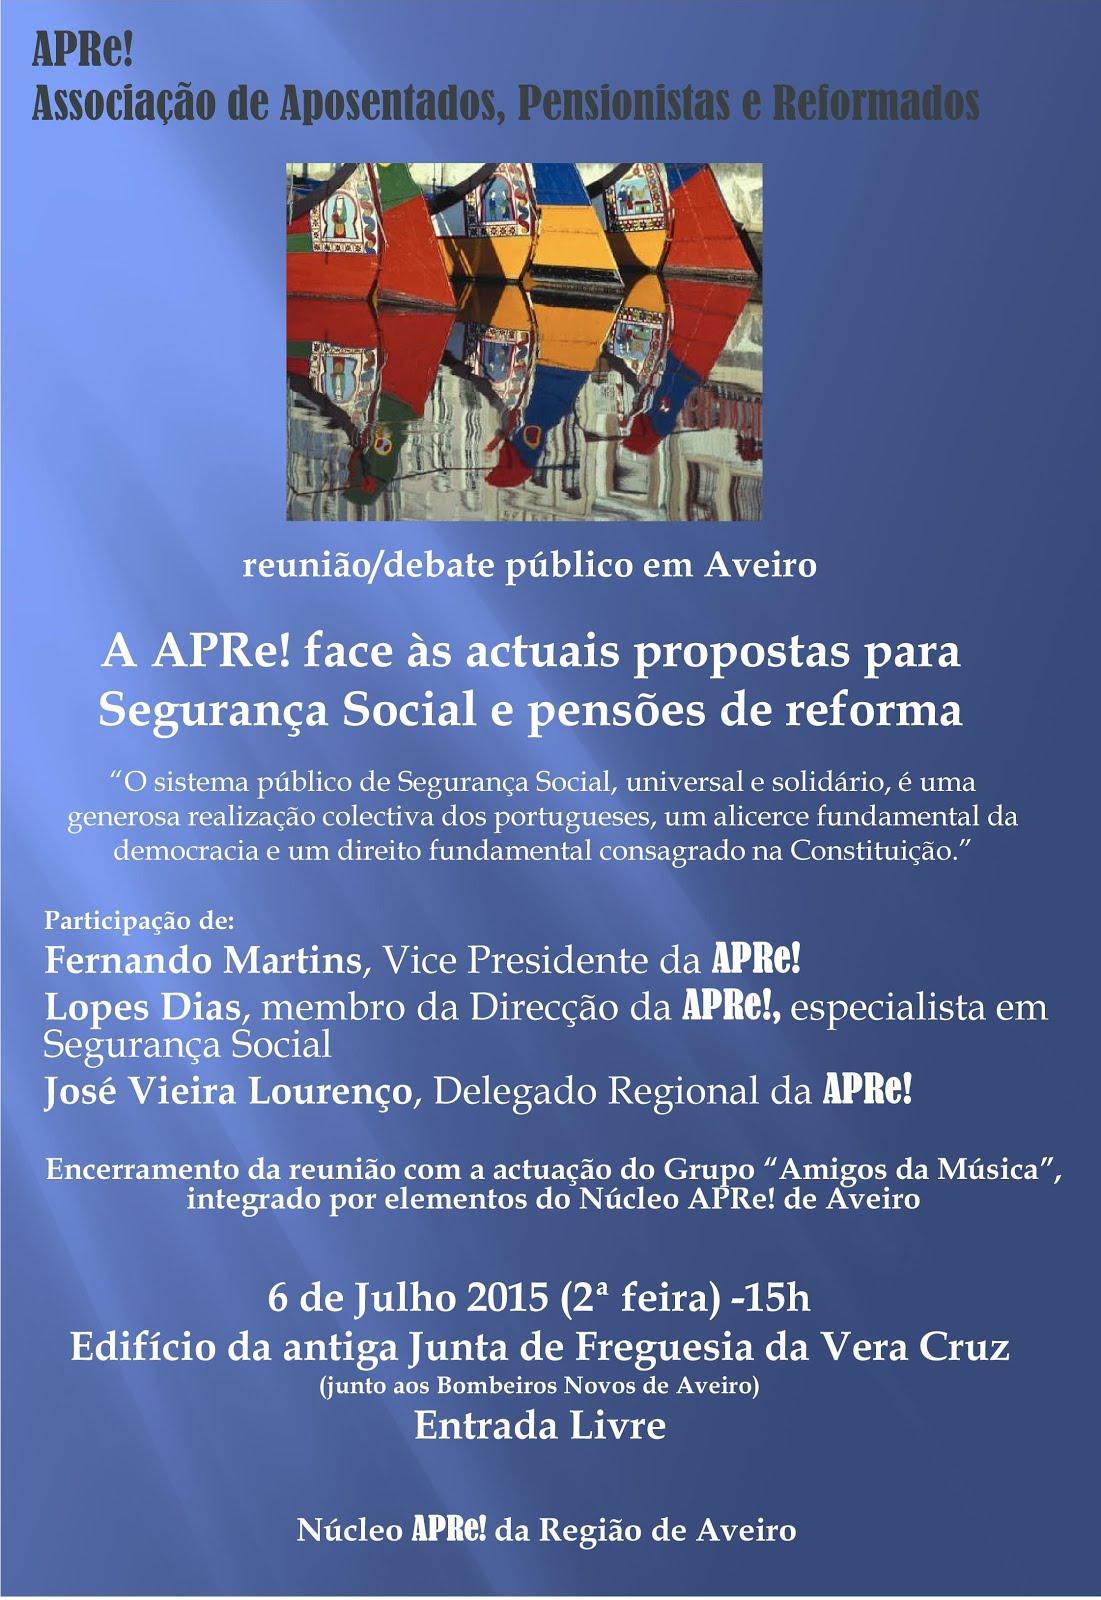 Aveiro, reunião/debate A APRe! face às actuais propostas para Segurança Social e pensões de reforma